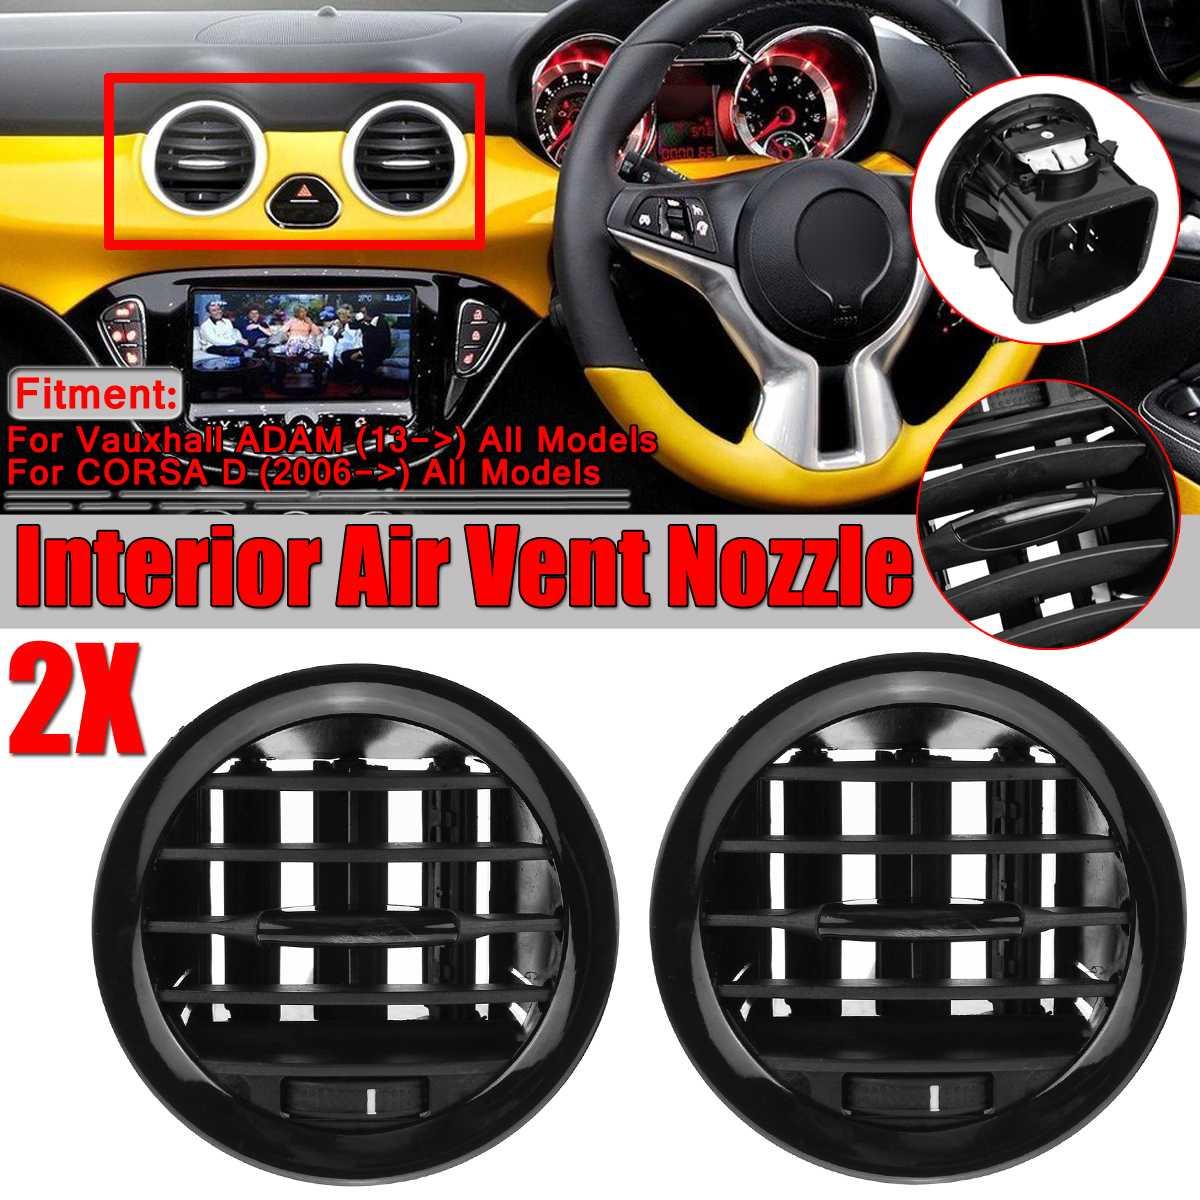 Calentador Interior de coche A/C, rejilla de salida de la cubierta de ventilación para Vauxhall Opel Adan/CORSA D MK III, ventilación de aire acondicionado, cubiertas de molduras